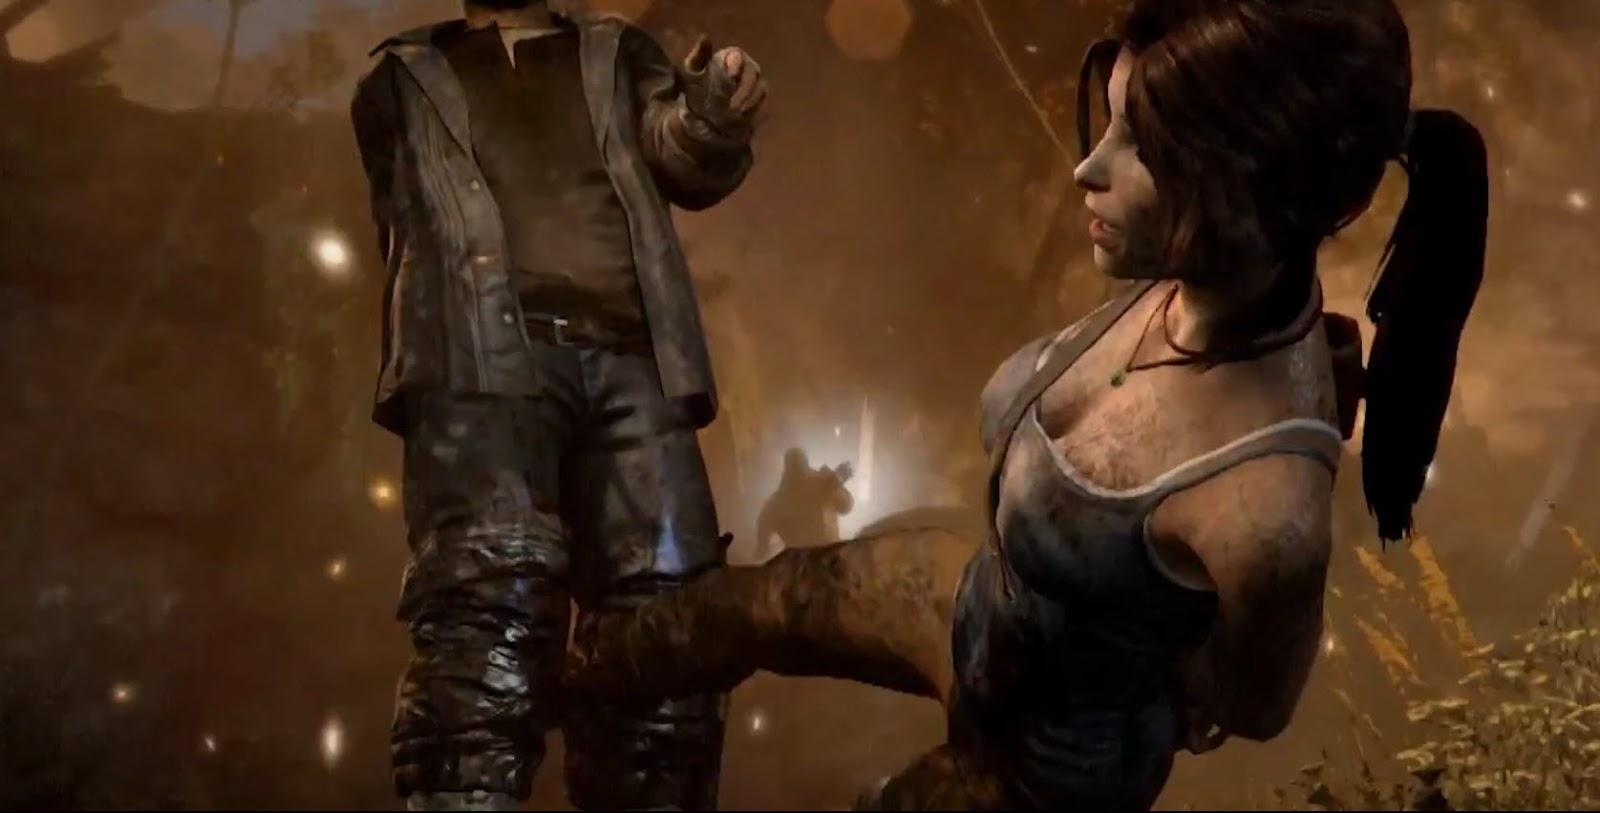 Quiet TR2013 at Tomb Raider Nexus - Mods and community